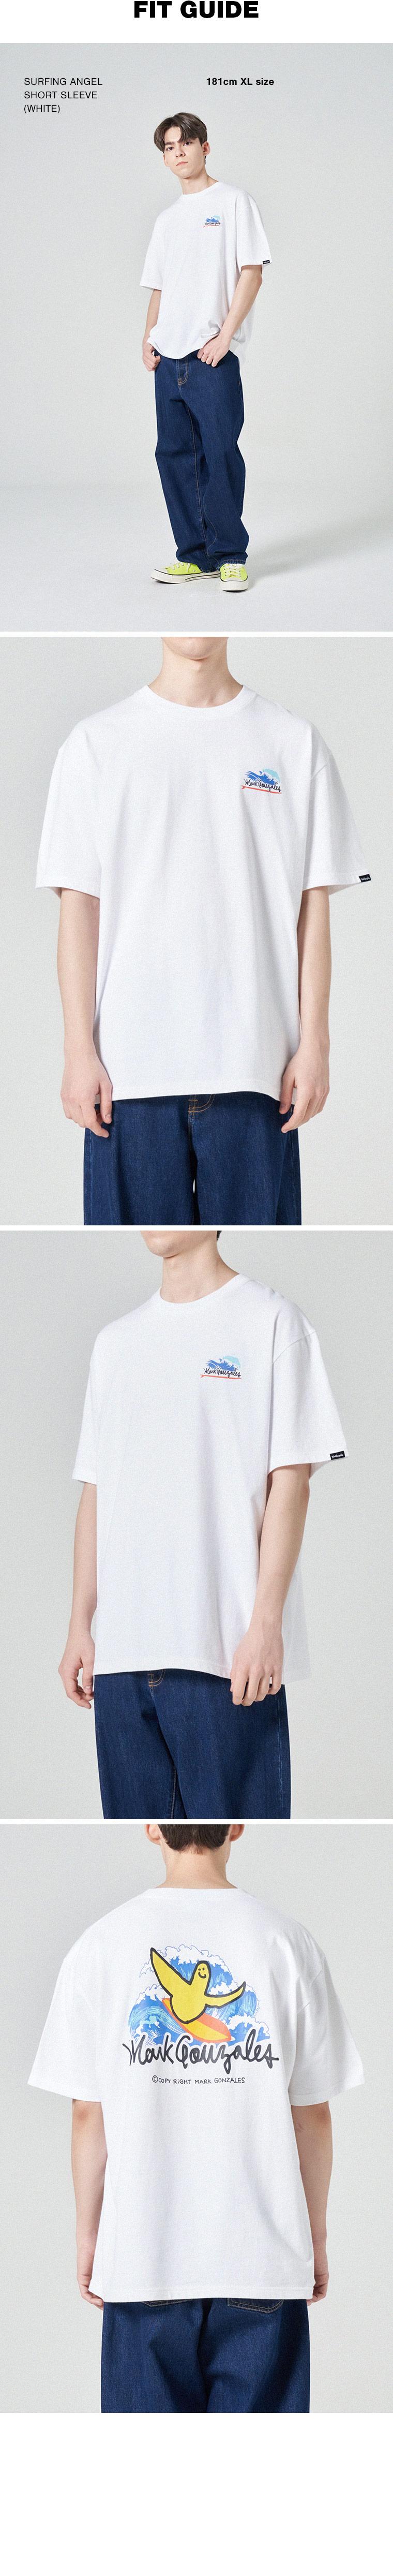 마크 곤잘레스(MARK GONZALES) 서핑엔젤 반팔 티셔츠 화이트